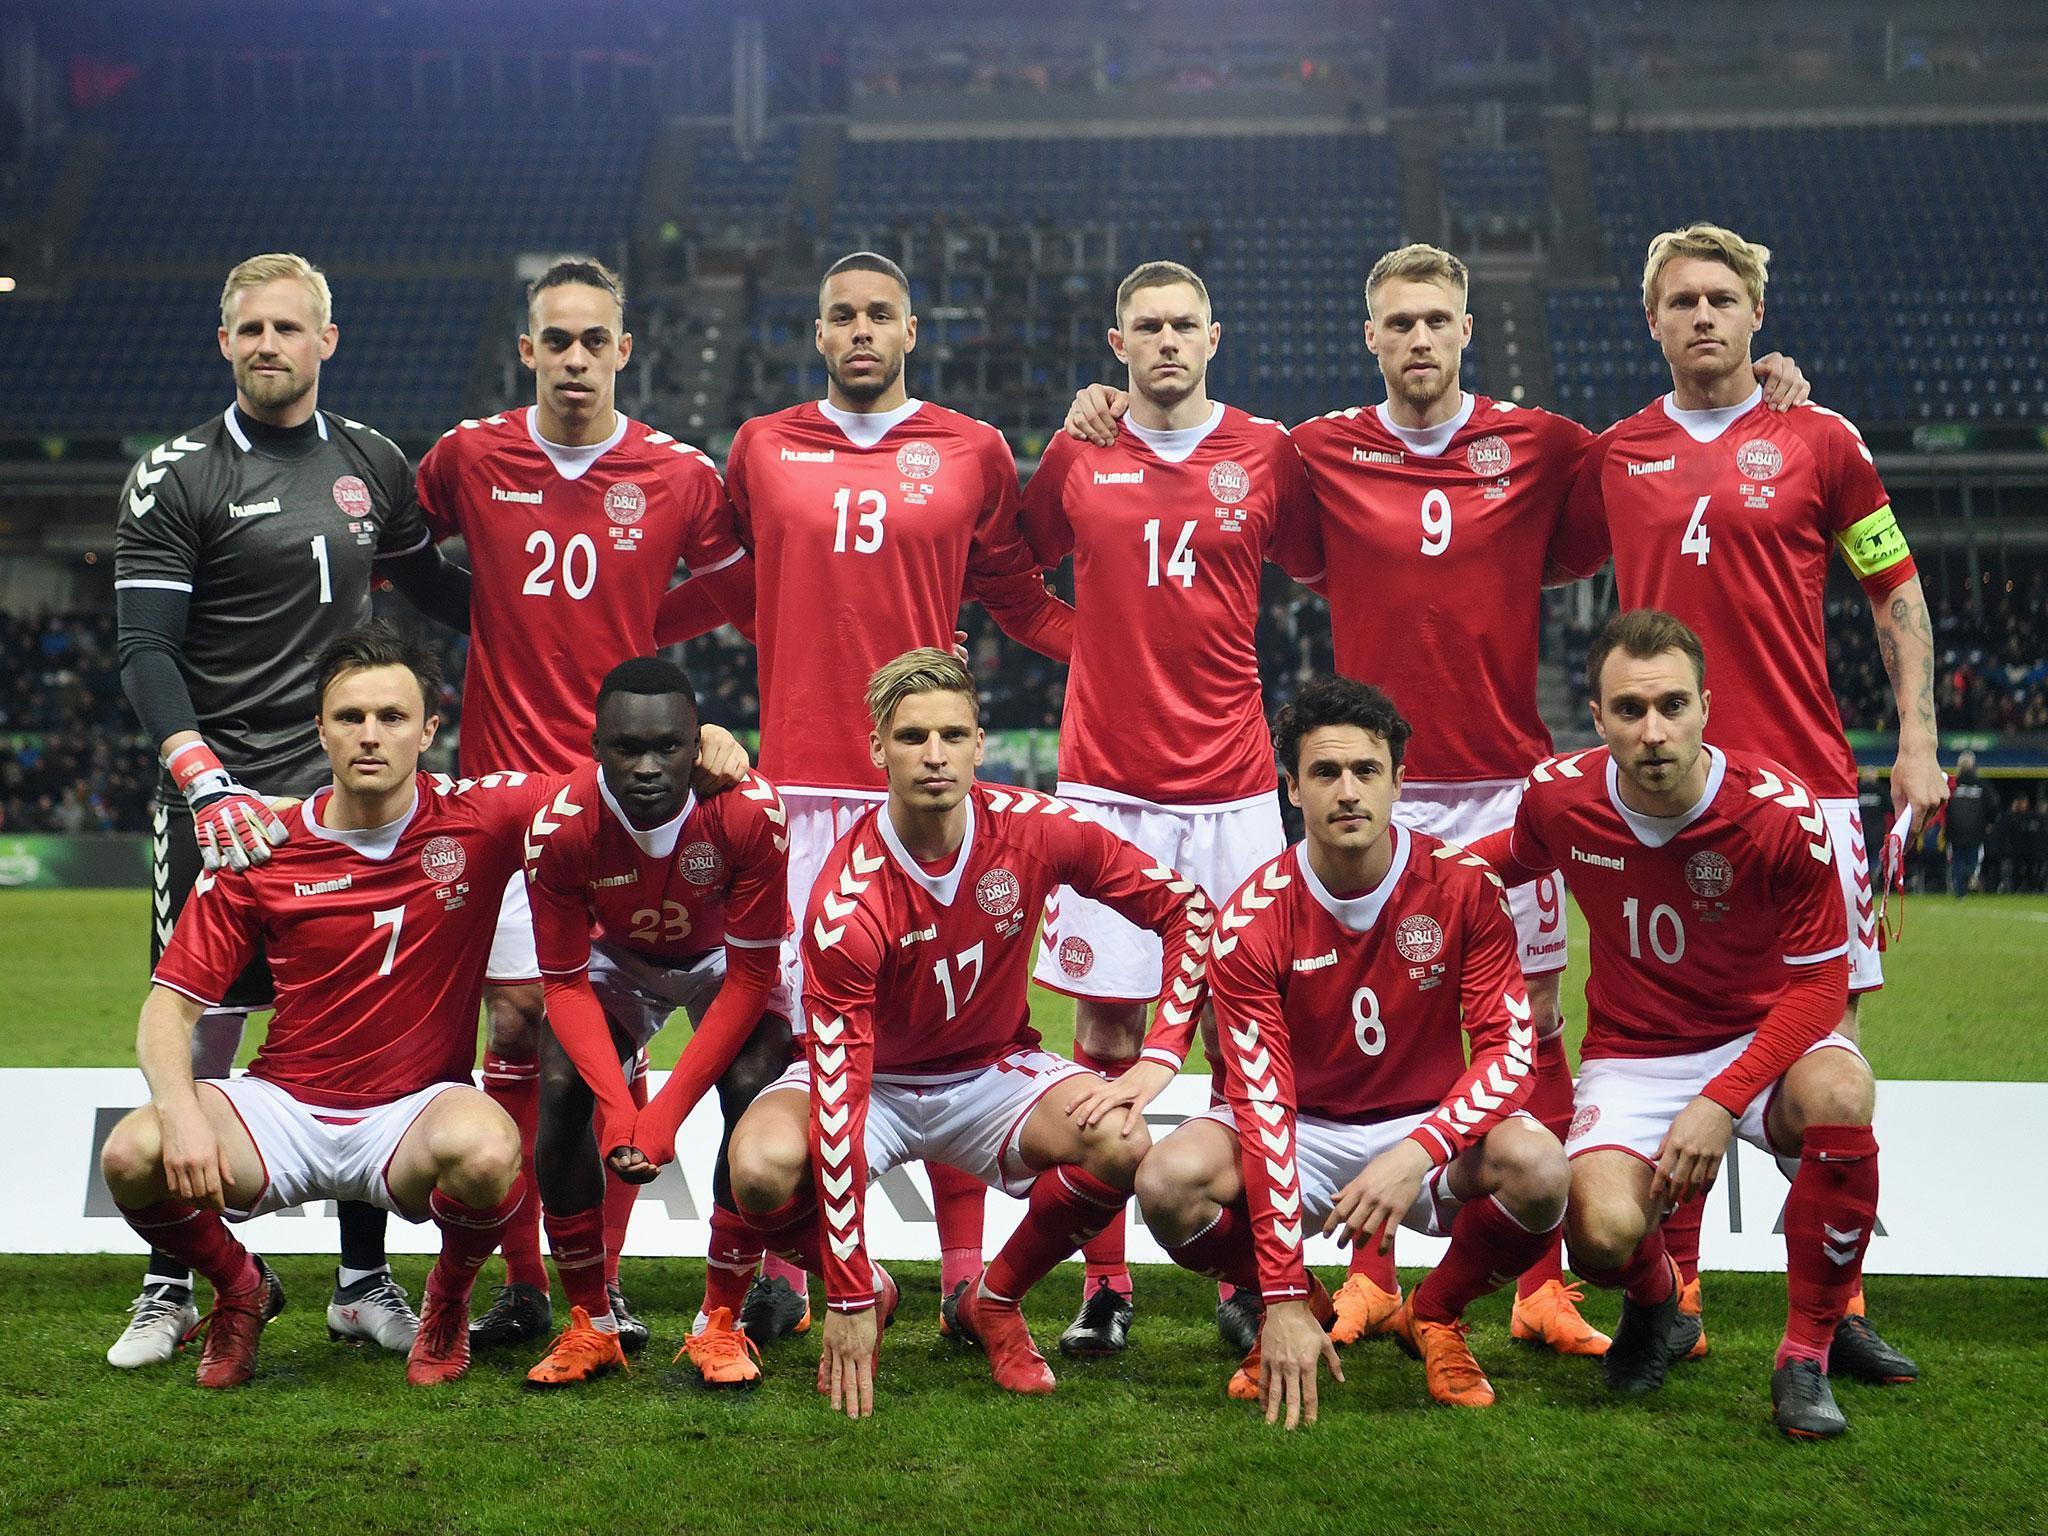 Denmark National Football Team Background 8